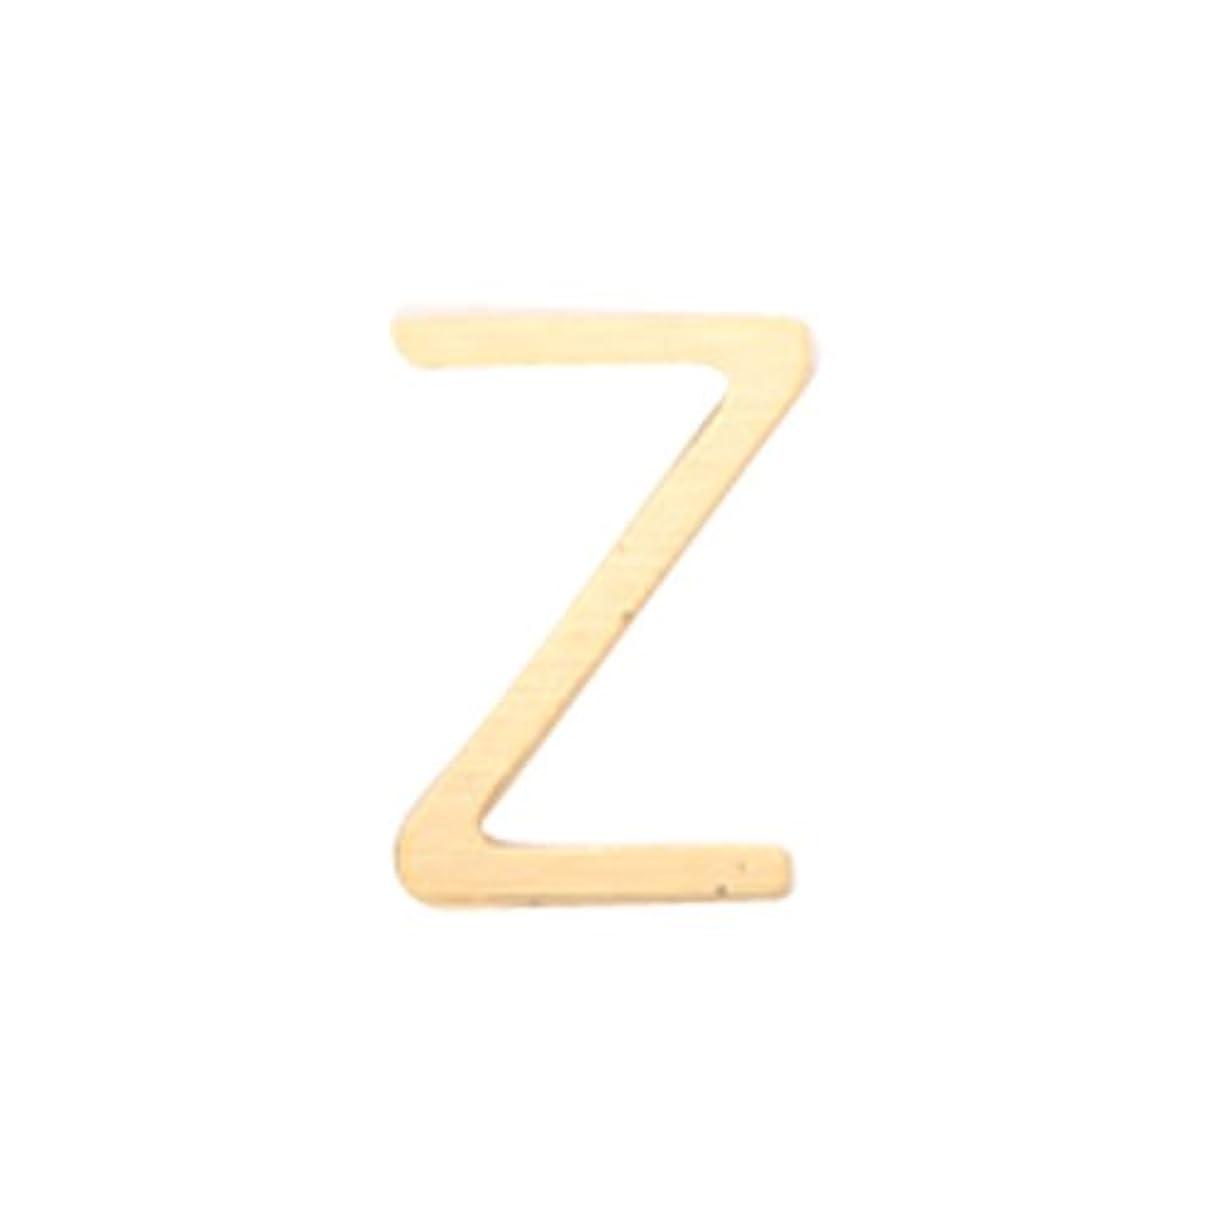 側溝邪悪な職業リトルプリティー ネイルアートパーツ アルファベット Z ゴールド 10個